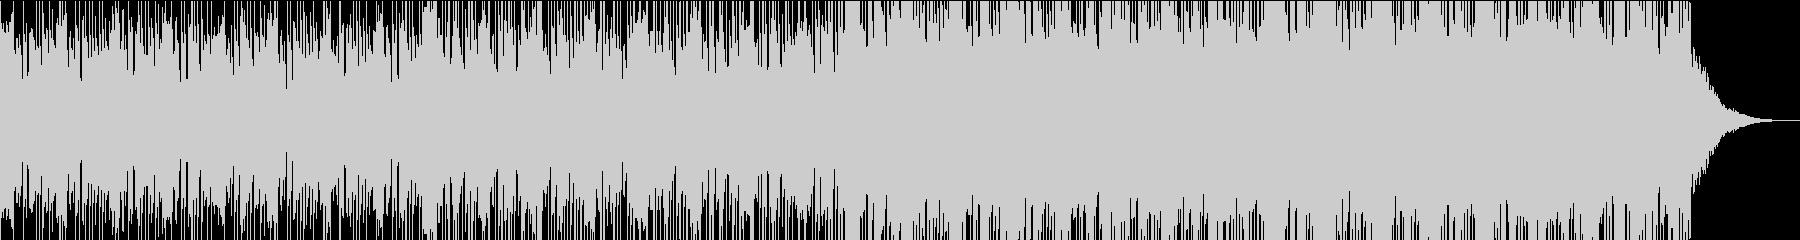 怪しげなシンセメインのテクノギターロックの未再生の波形